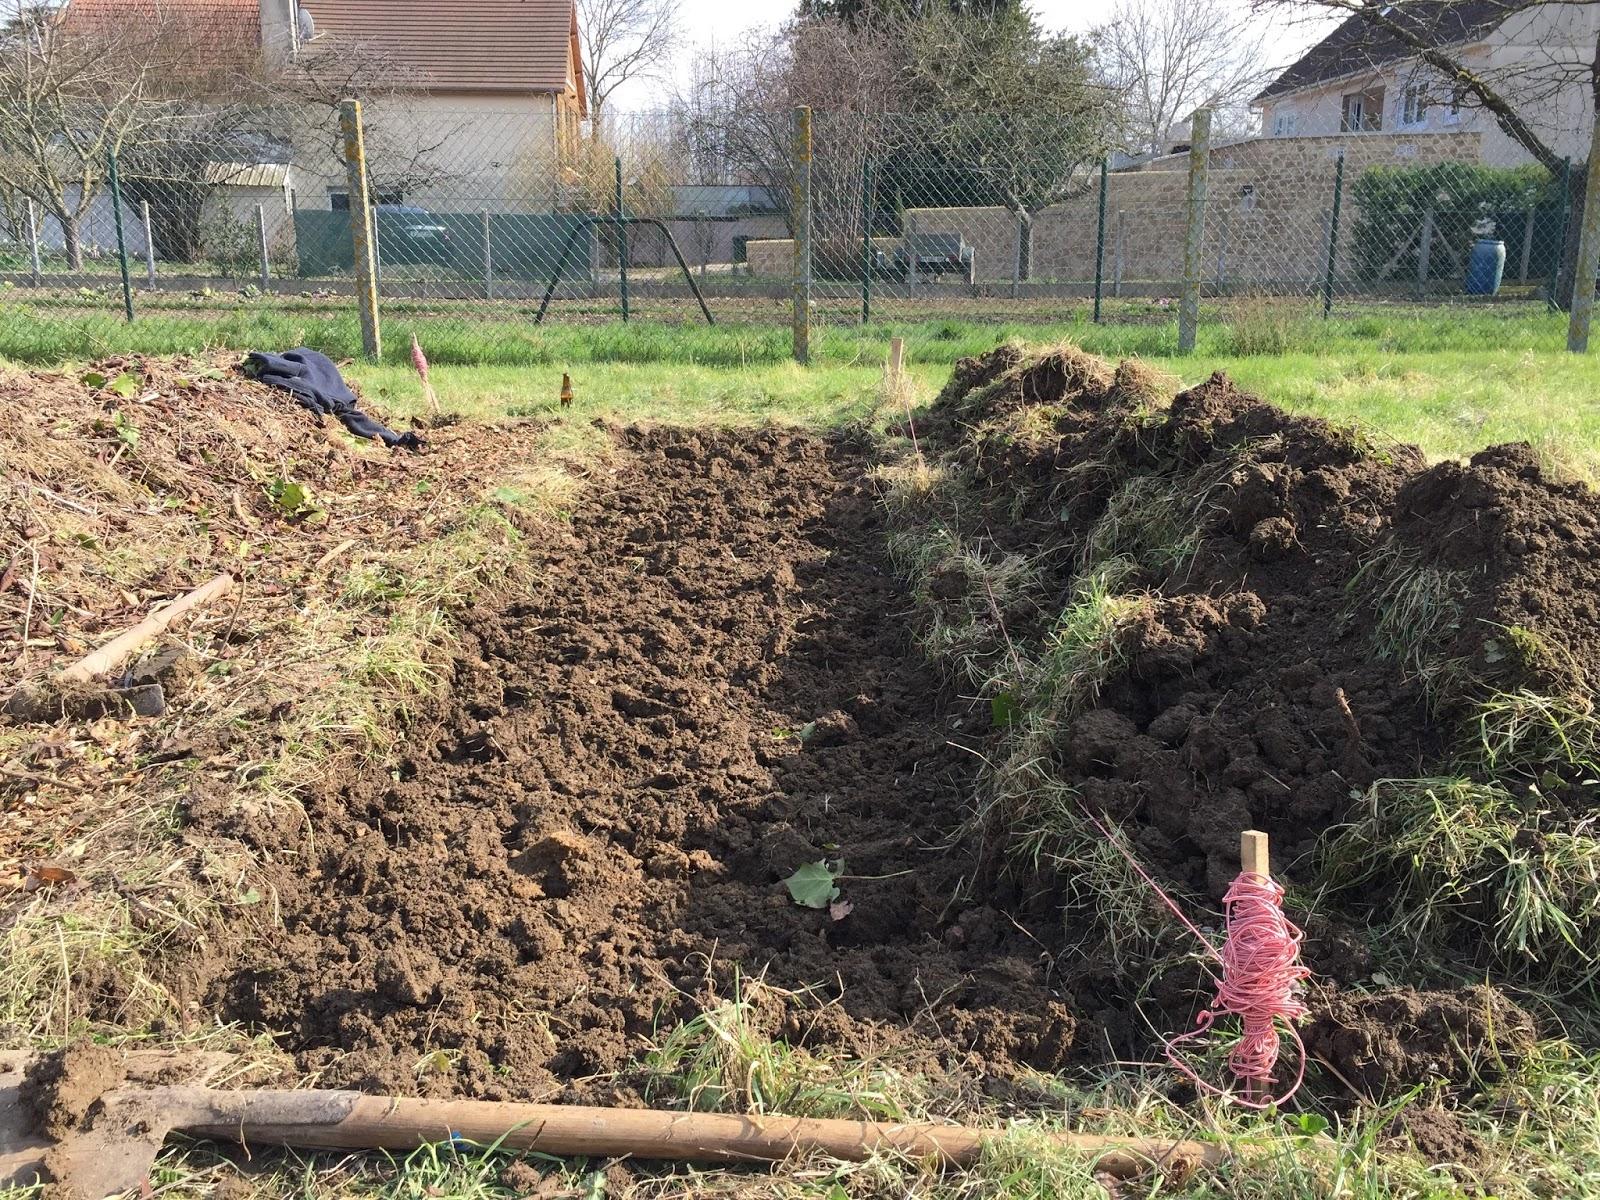 Permaculture la clamartoise for Permaculture terrasses et buttes